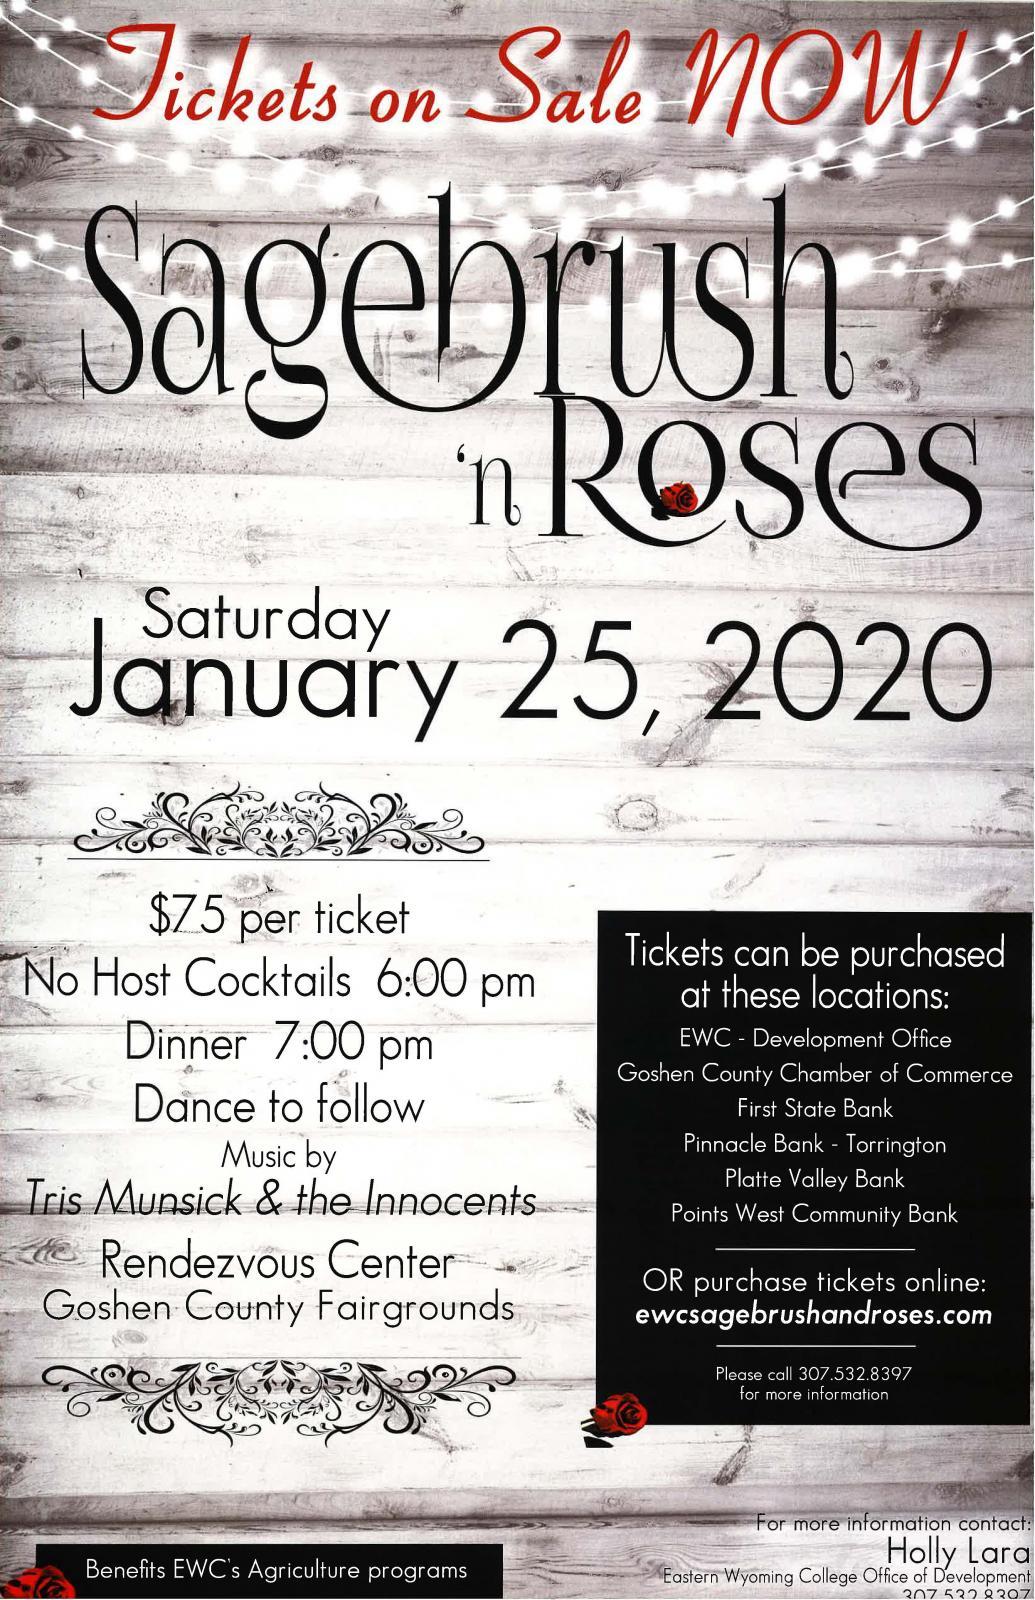 Sagebrush 'n Roses Photo